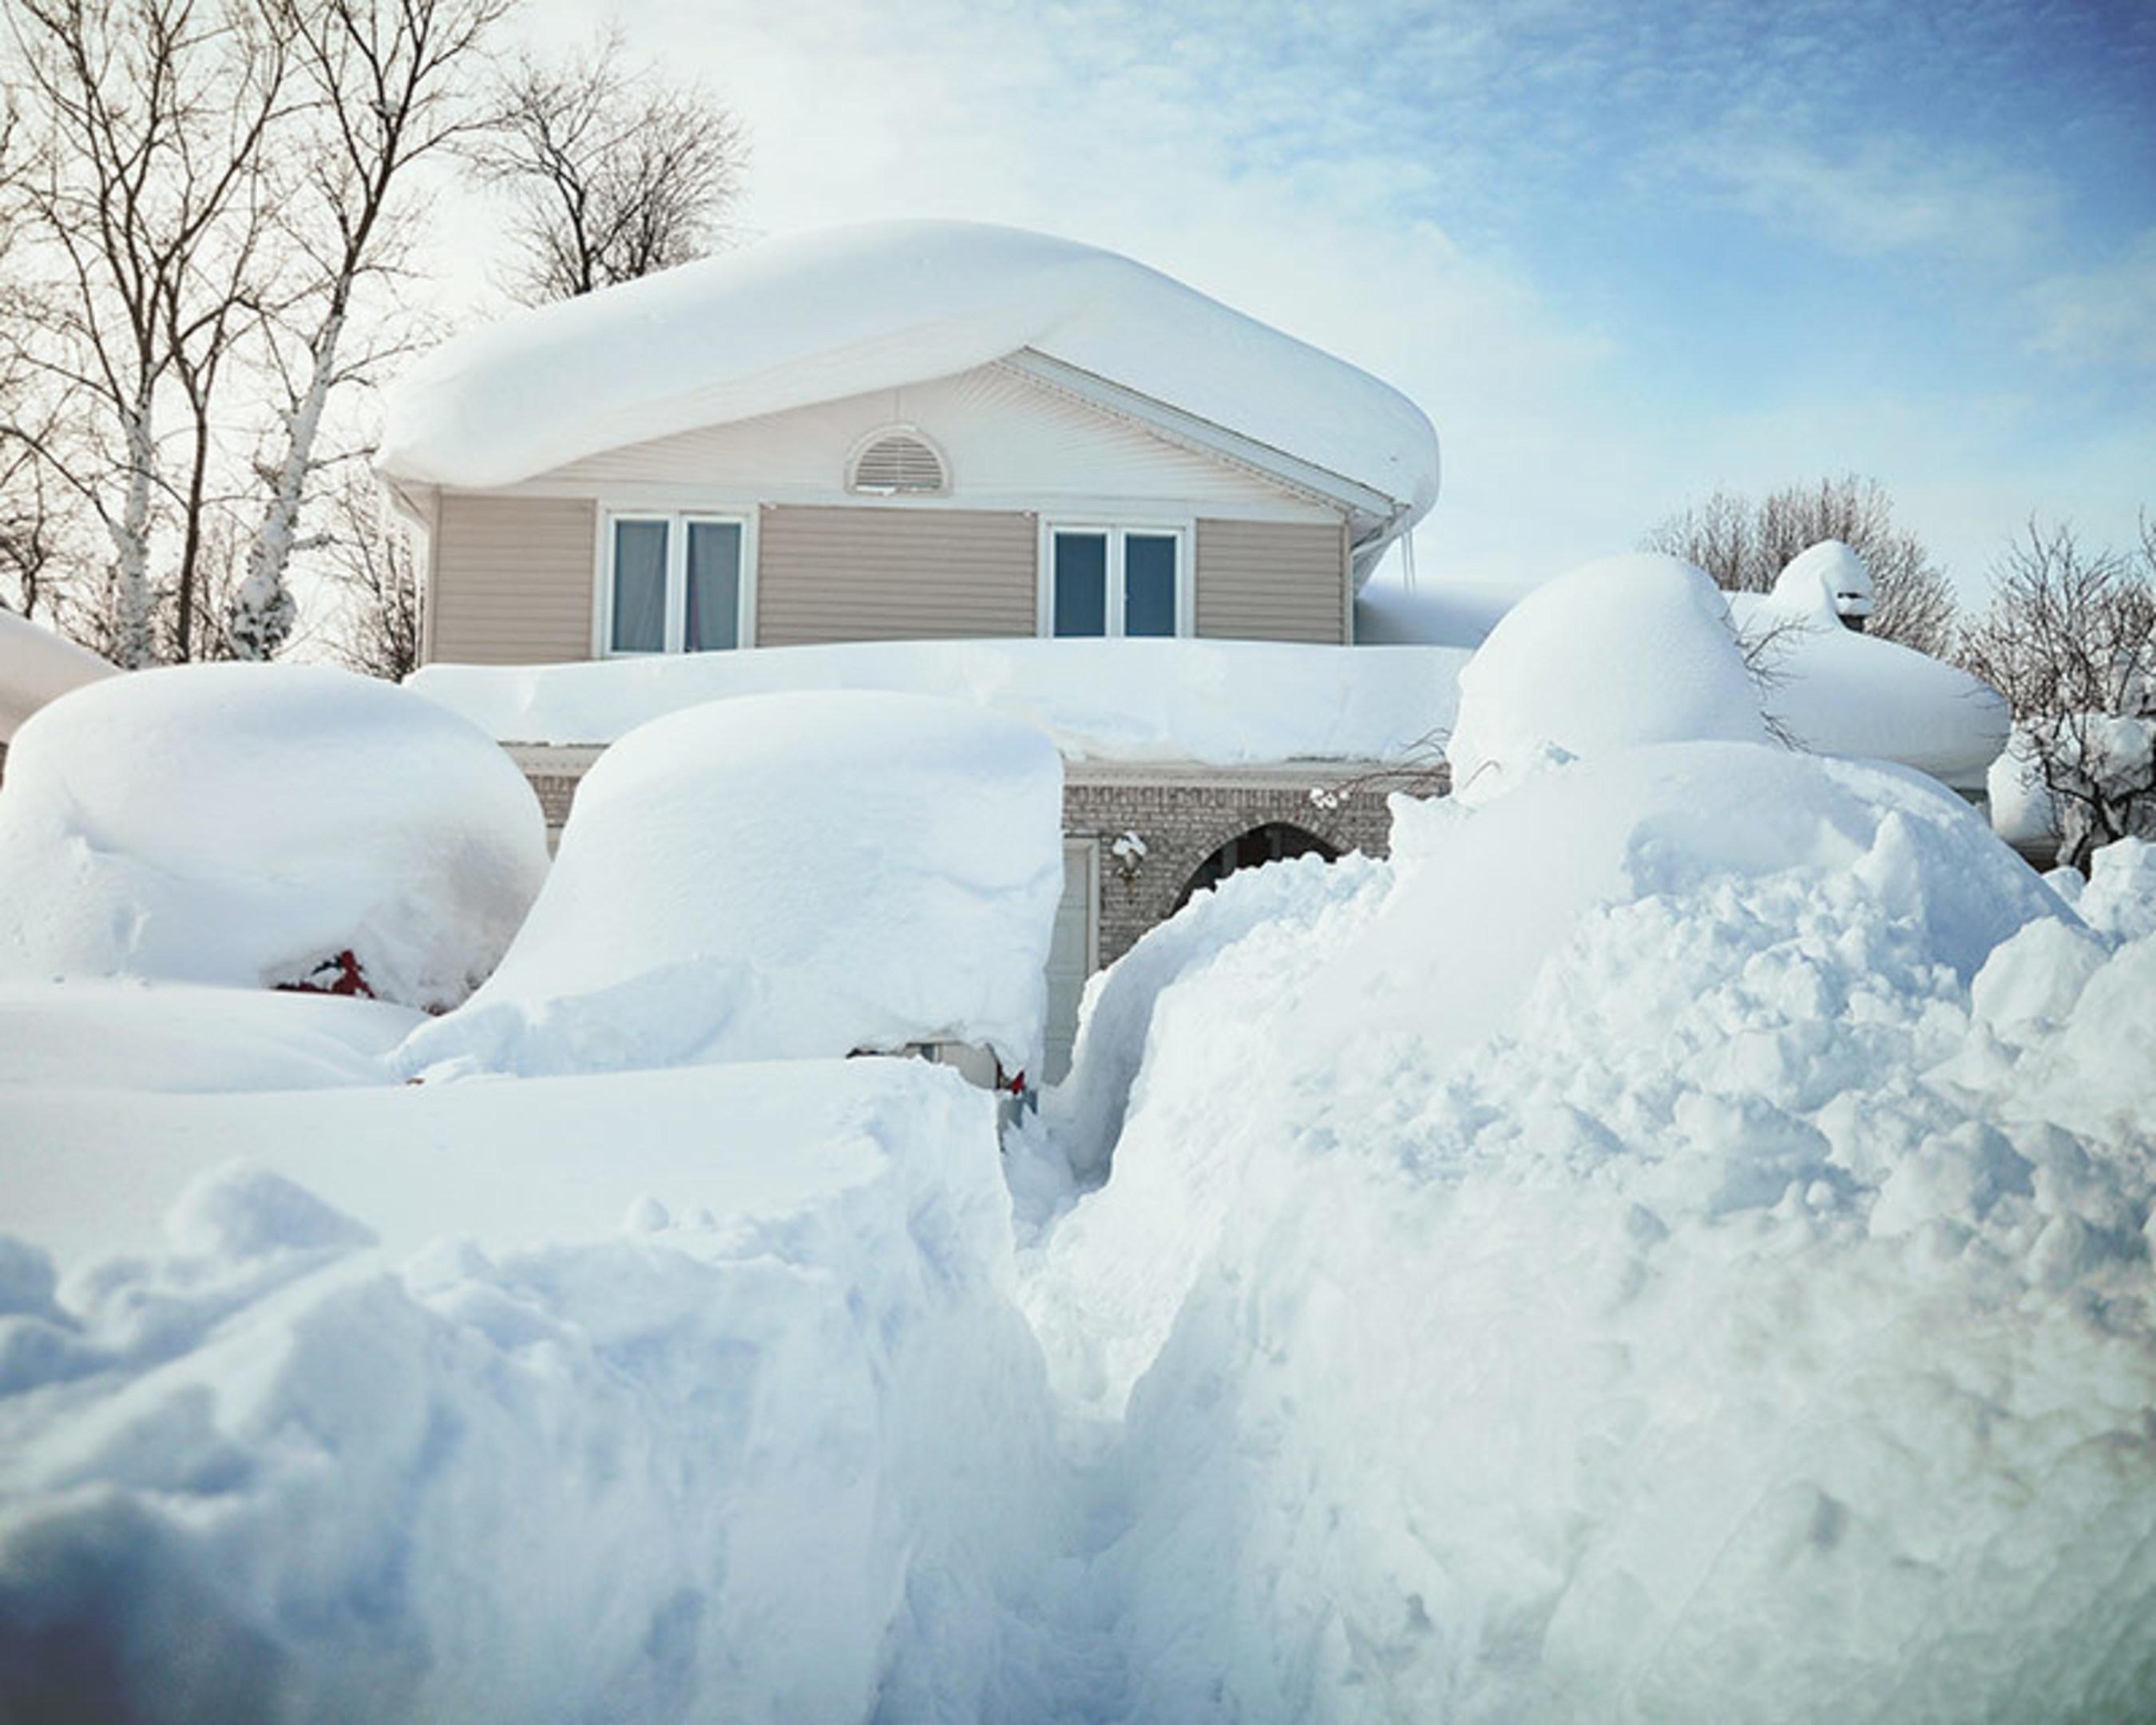 Surviving the 2015 Blizzard - Are U.S. Families Prepared?